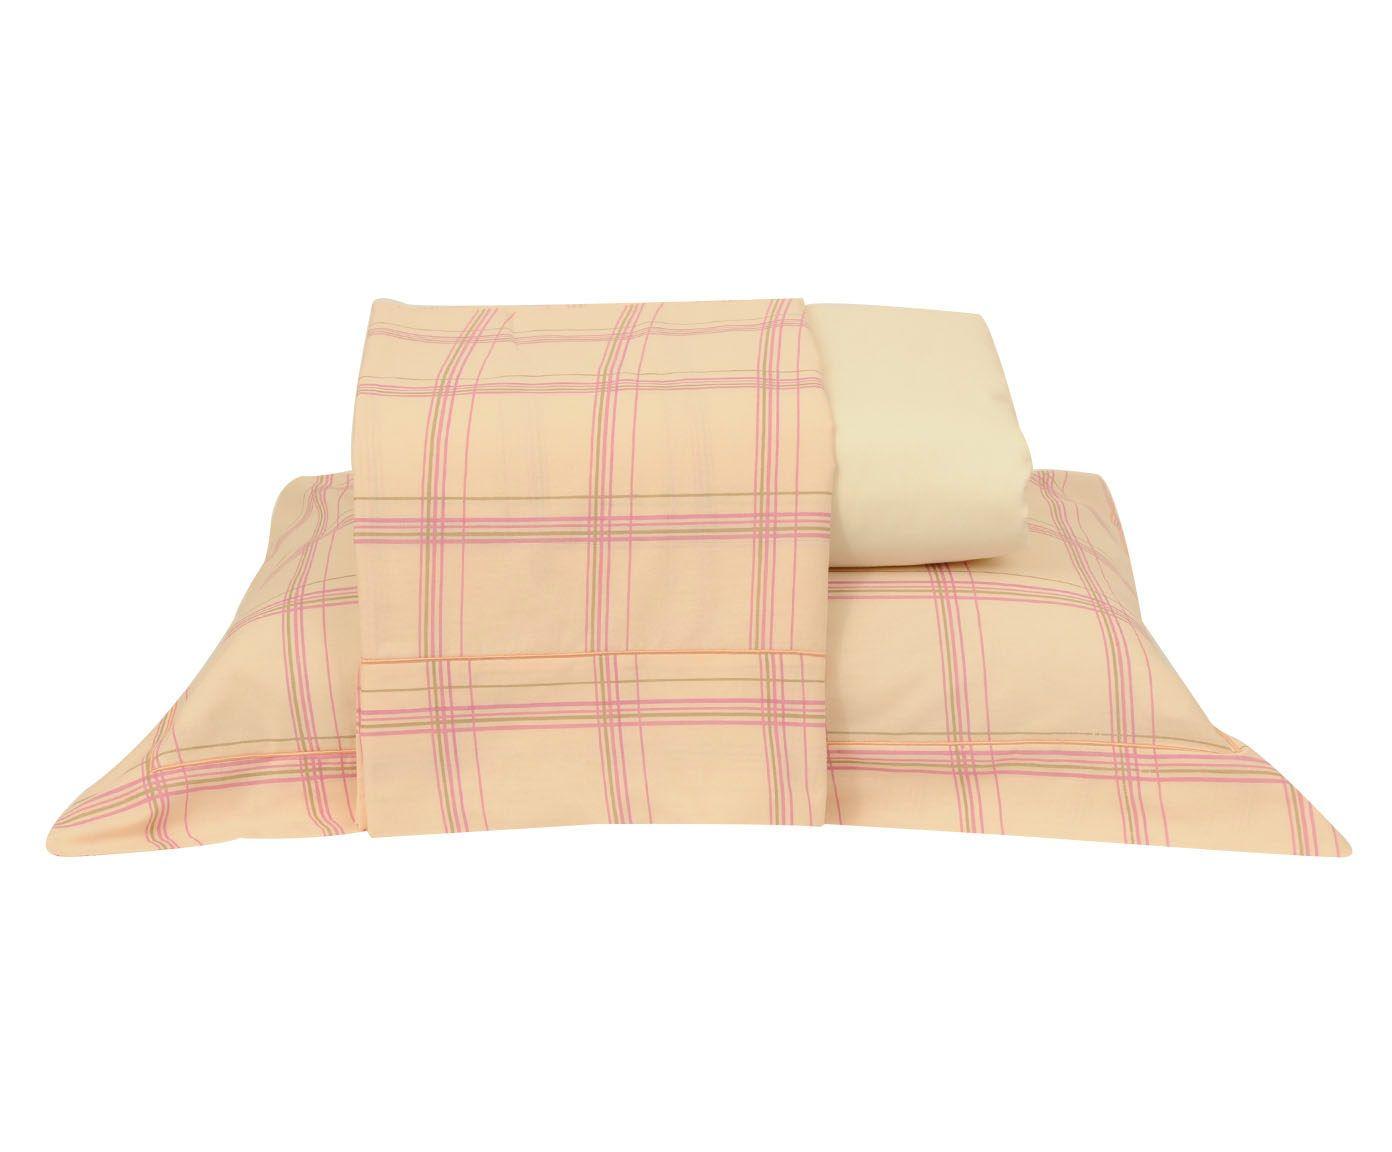 Jogo de lençol versatt delicate para cama king size - effect | Westwing.com.br